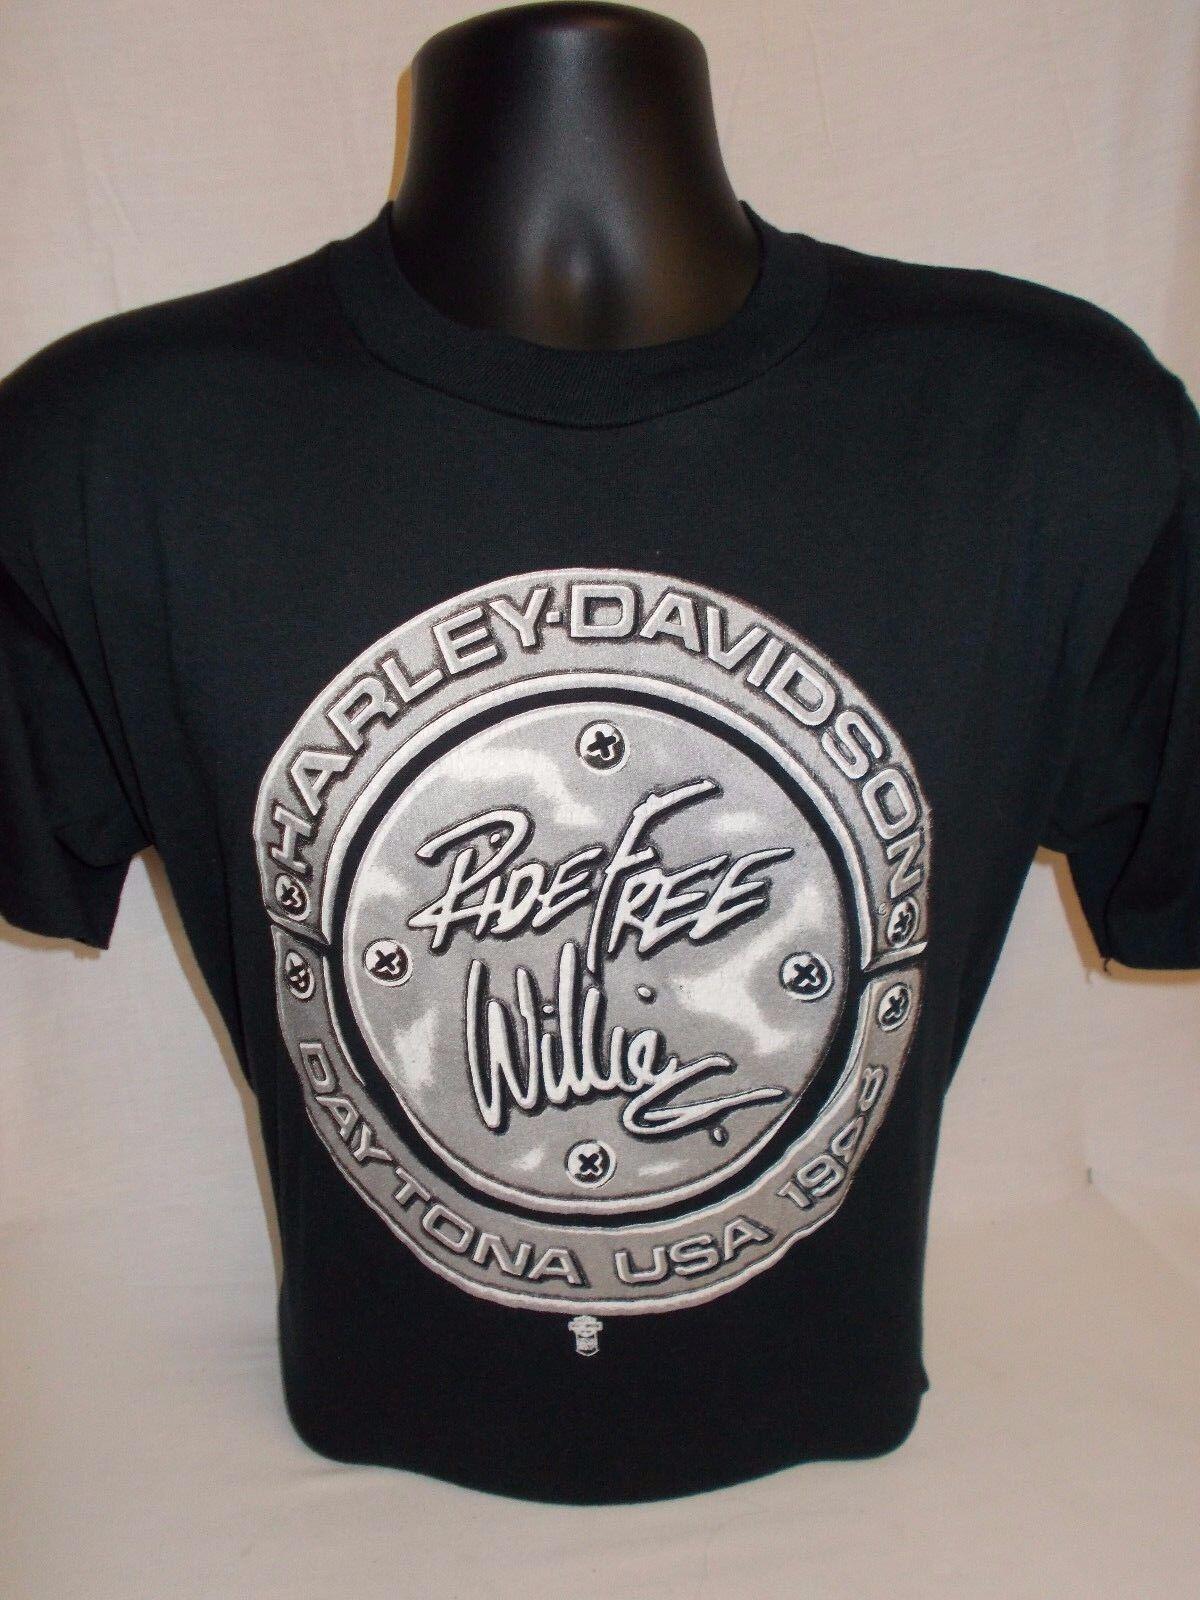 RARE L Vintage Harley Davidson T-Shirt Robison Harley Davidson 1962 to 1993